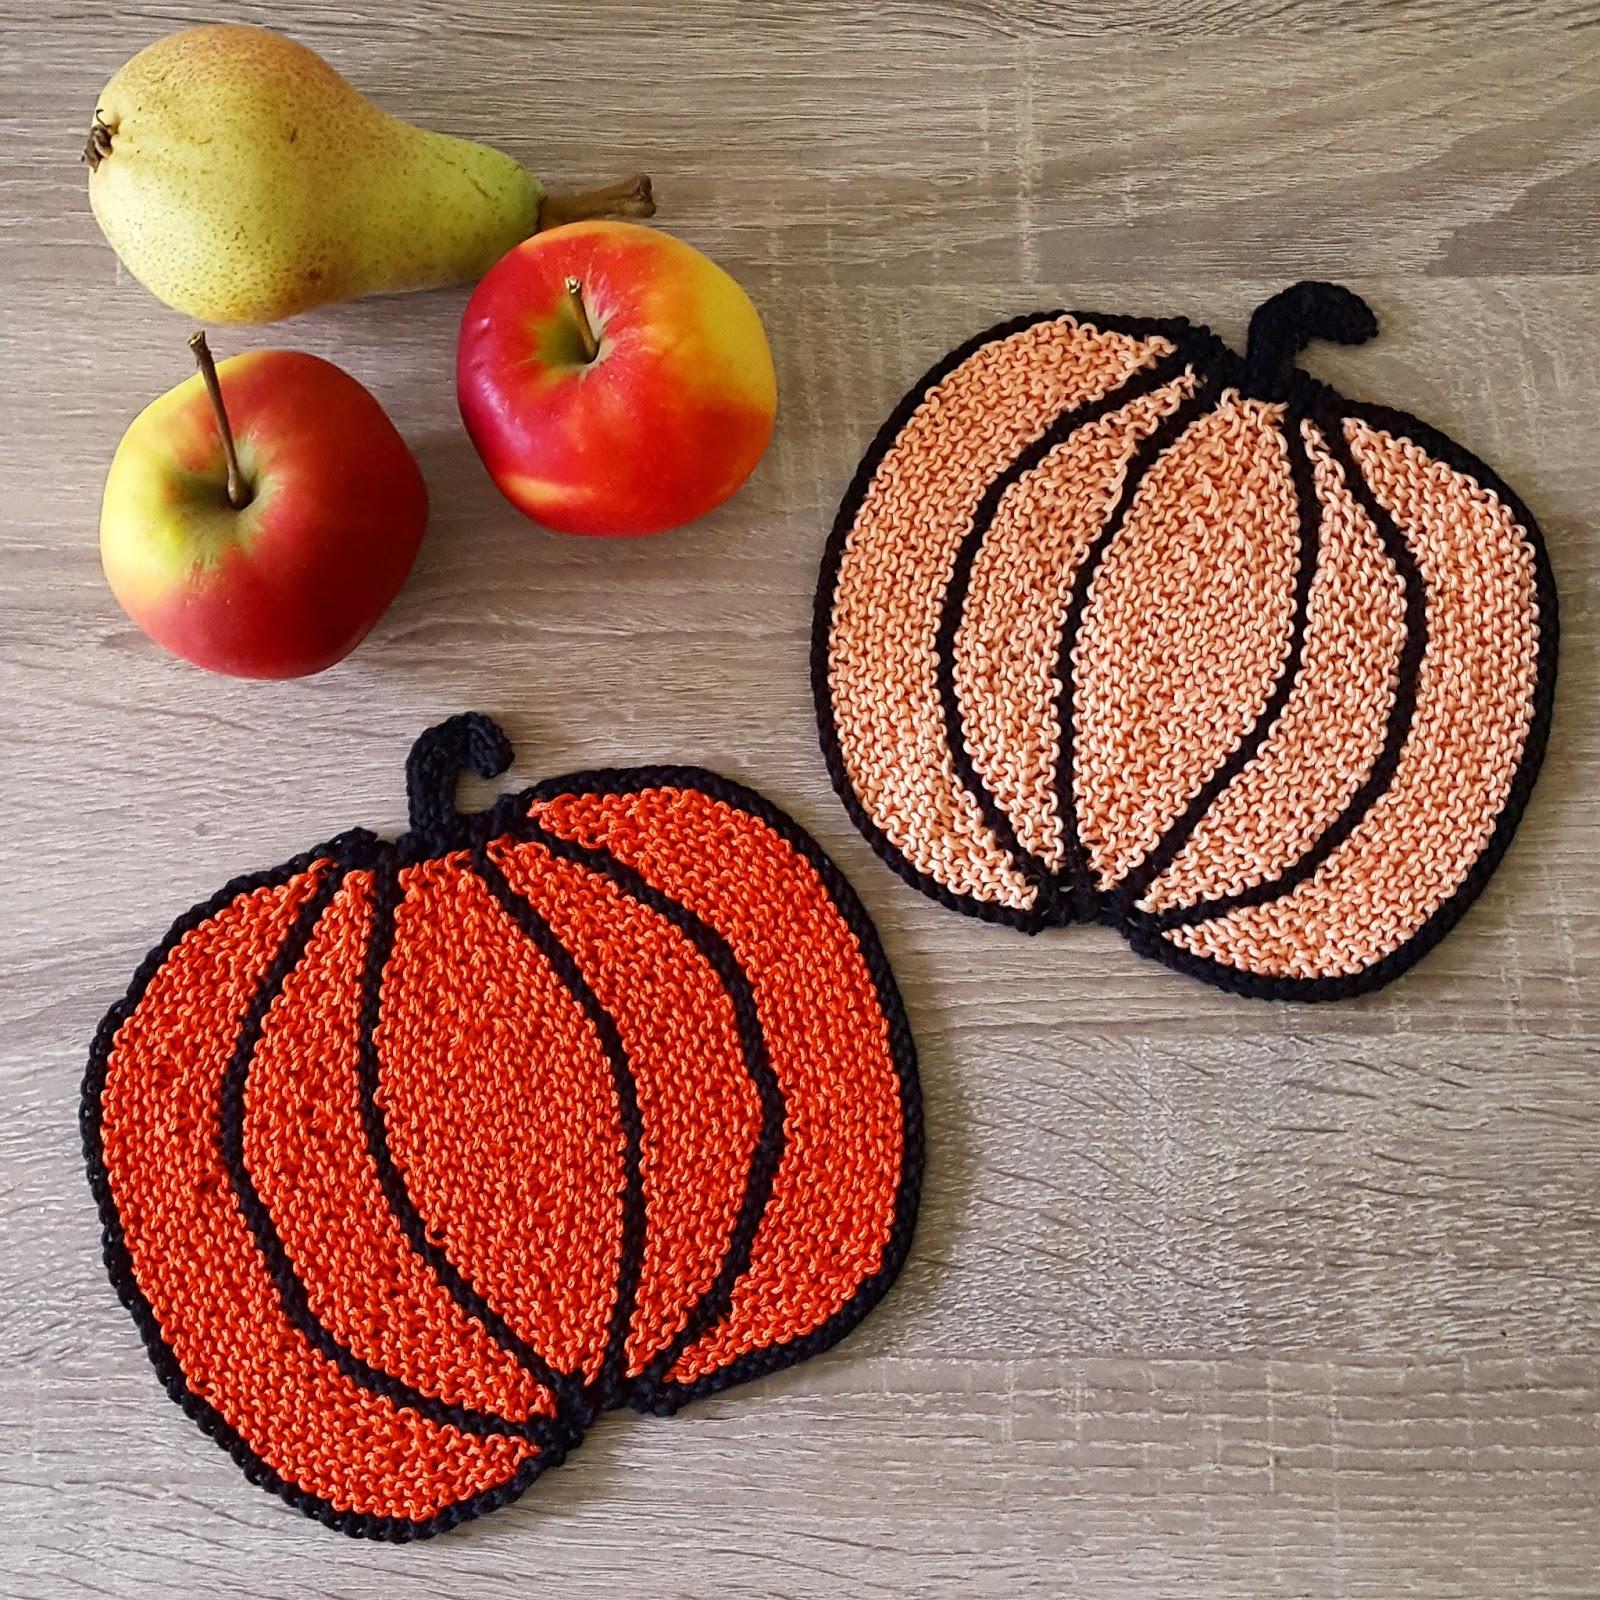 Fall pumpkin knit potholder pattern in DK weight cotton yarn